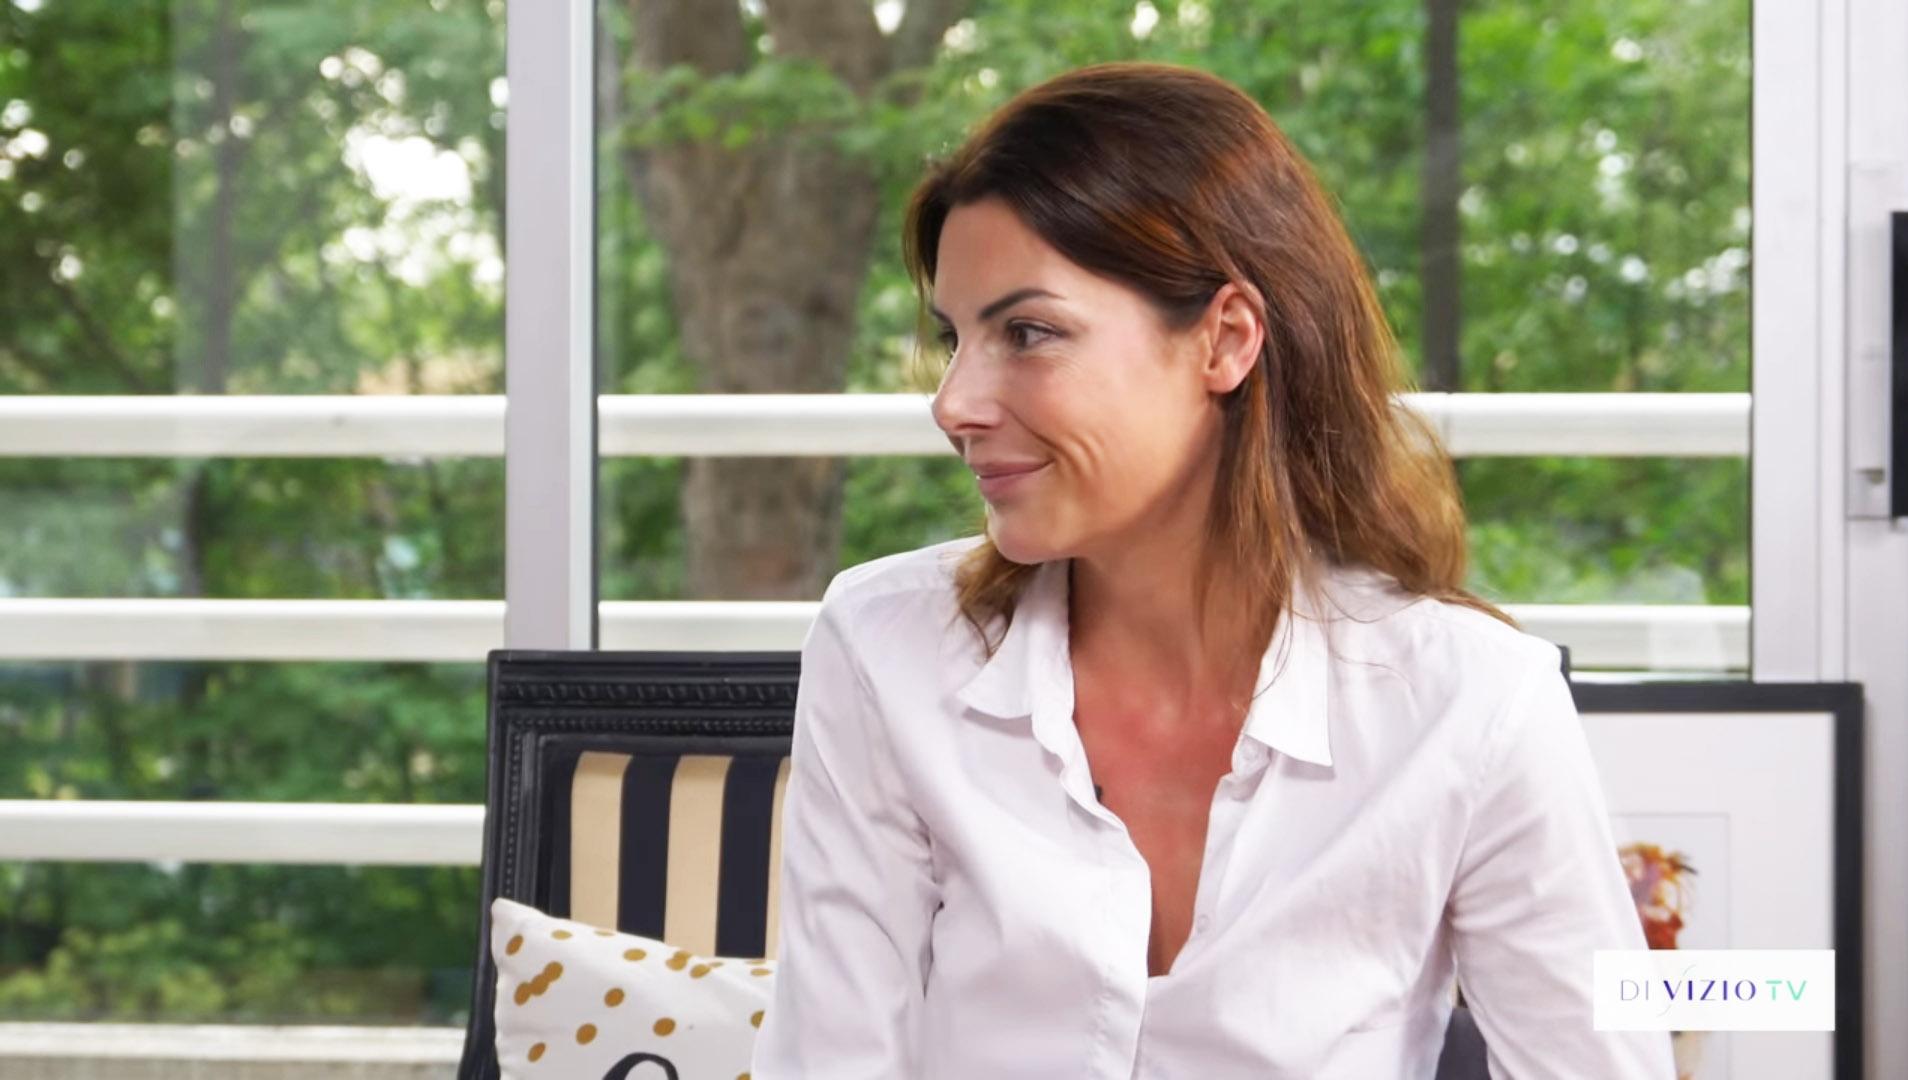 Fabrice Di Vizio reçoit la psychologue clinicienne et psychothérapeute Marie-Estelle Dupont